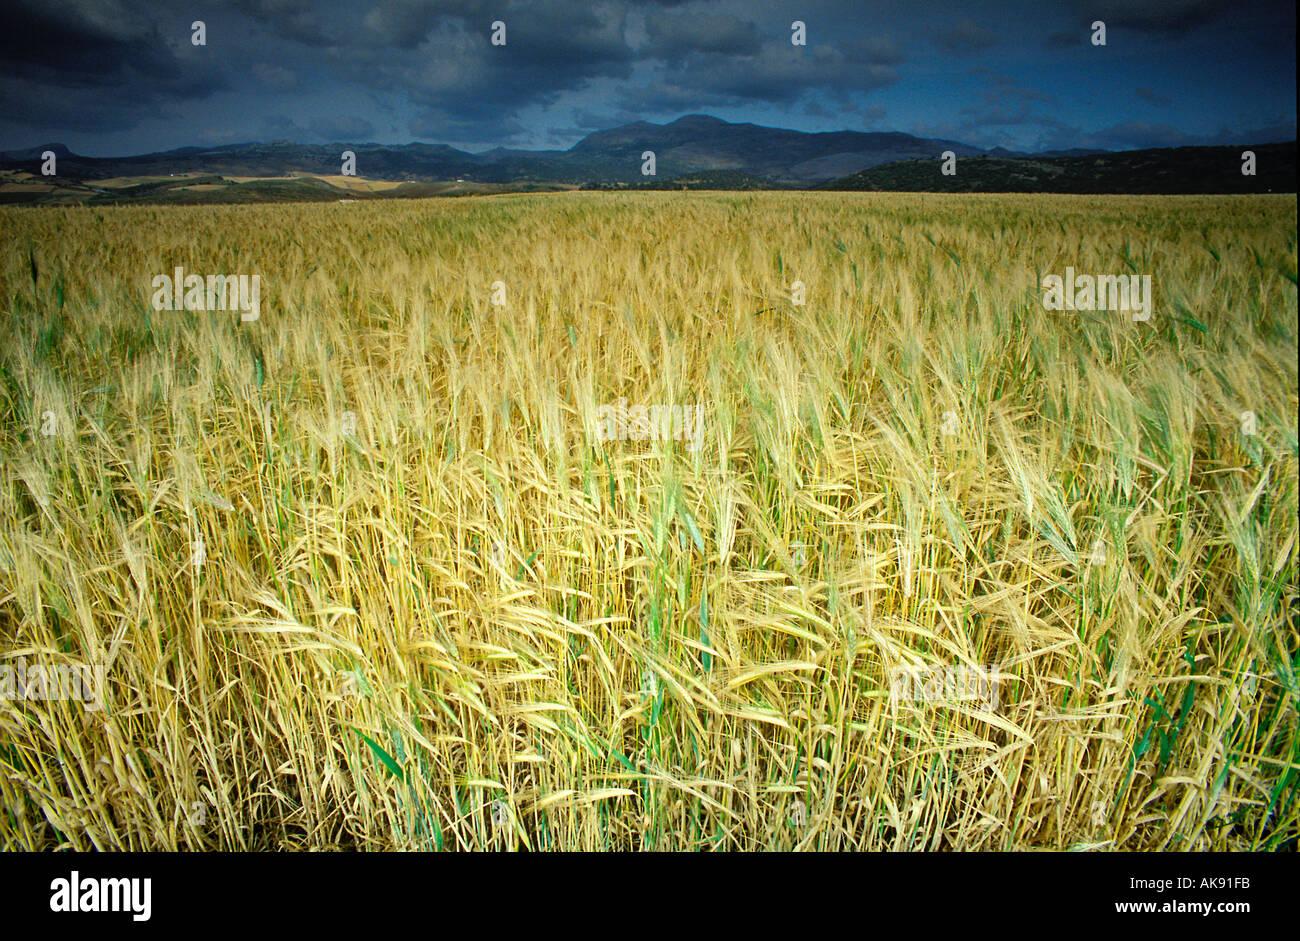 Domaine du blé jaune soir orageux andalousie espagne Photo Stock